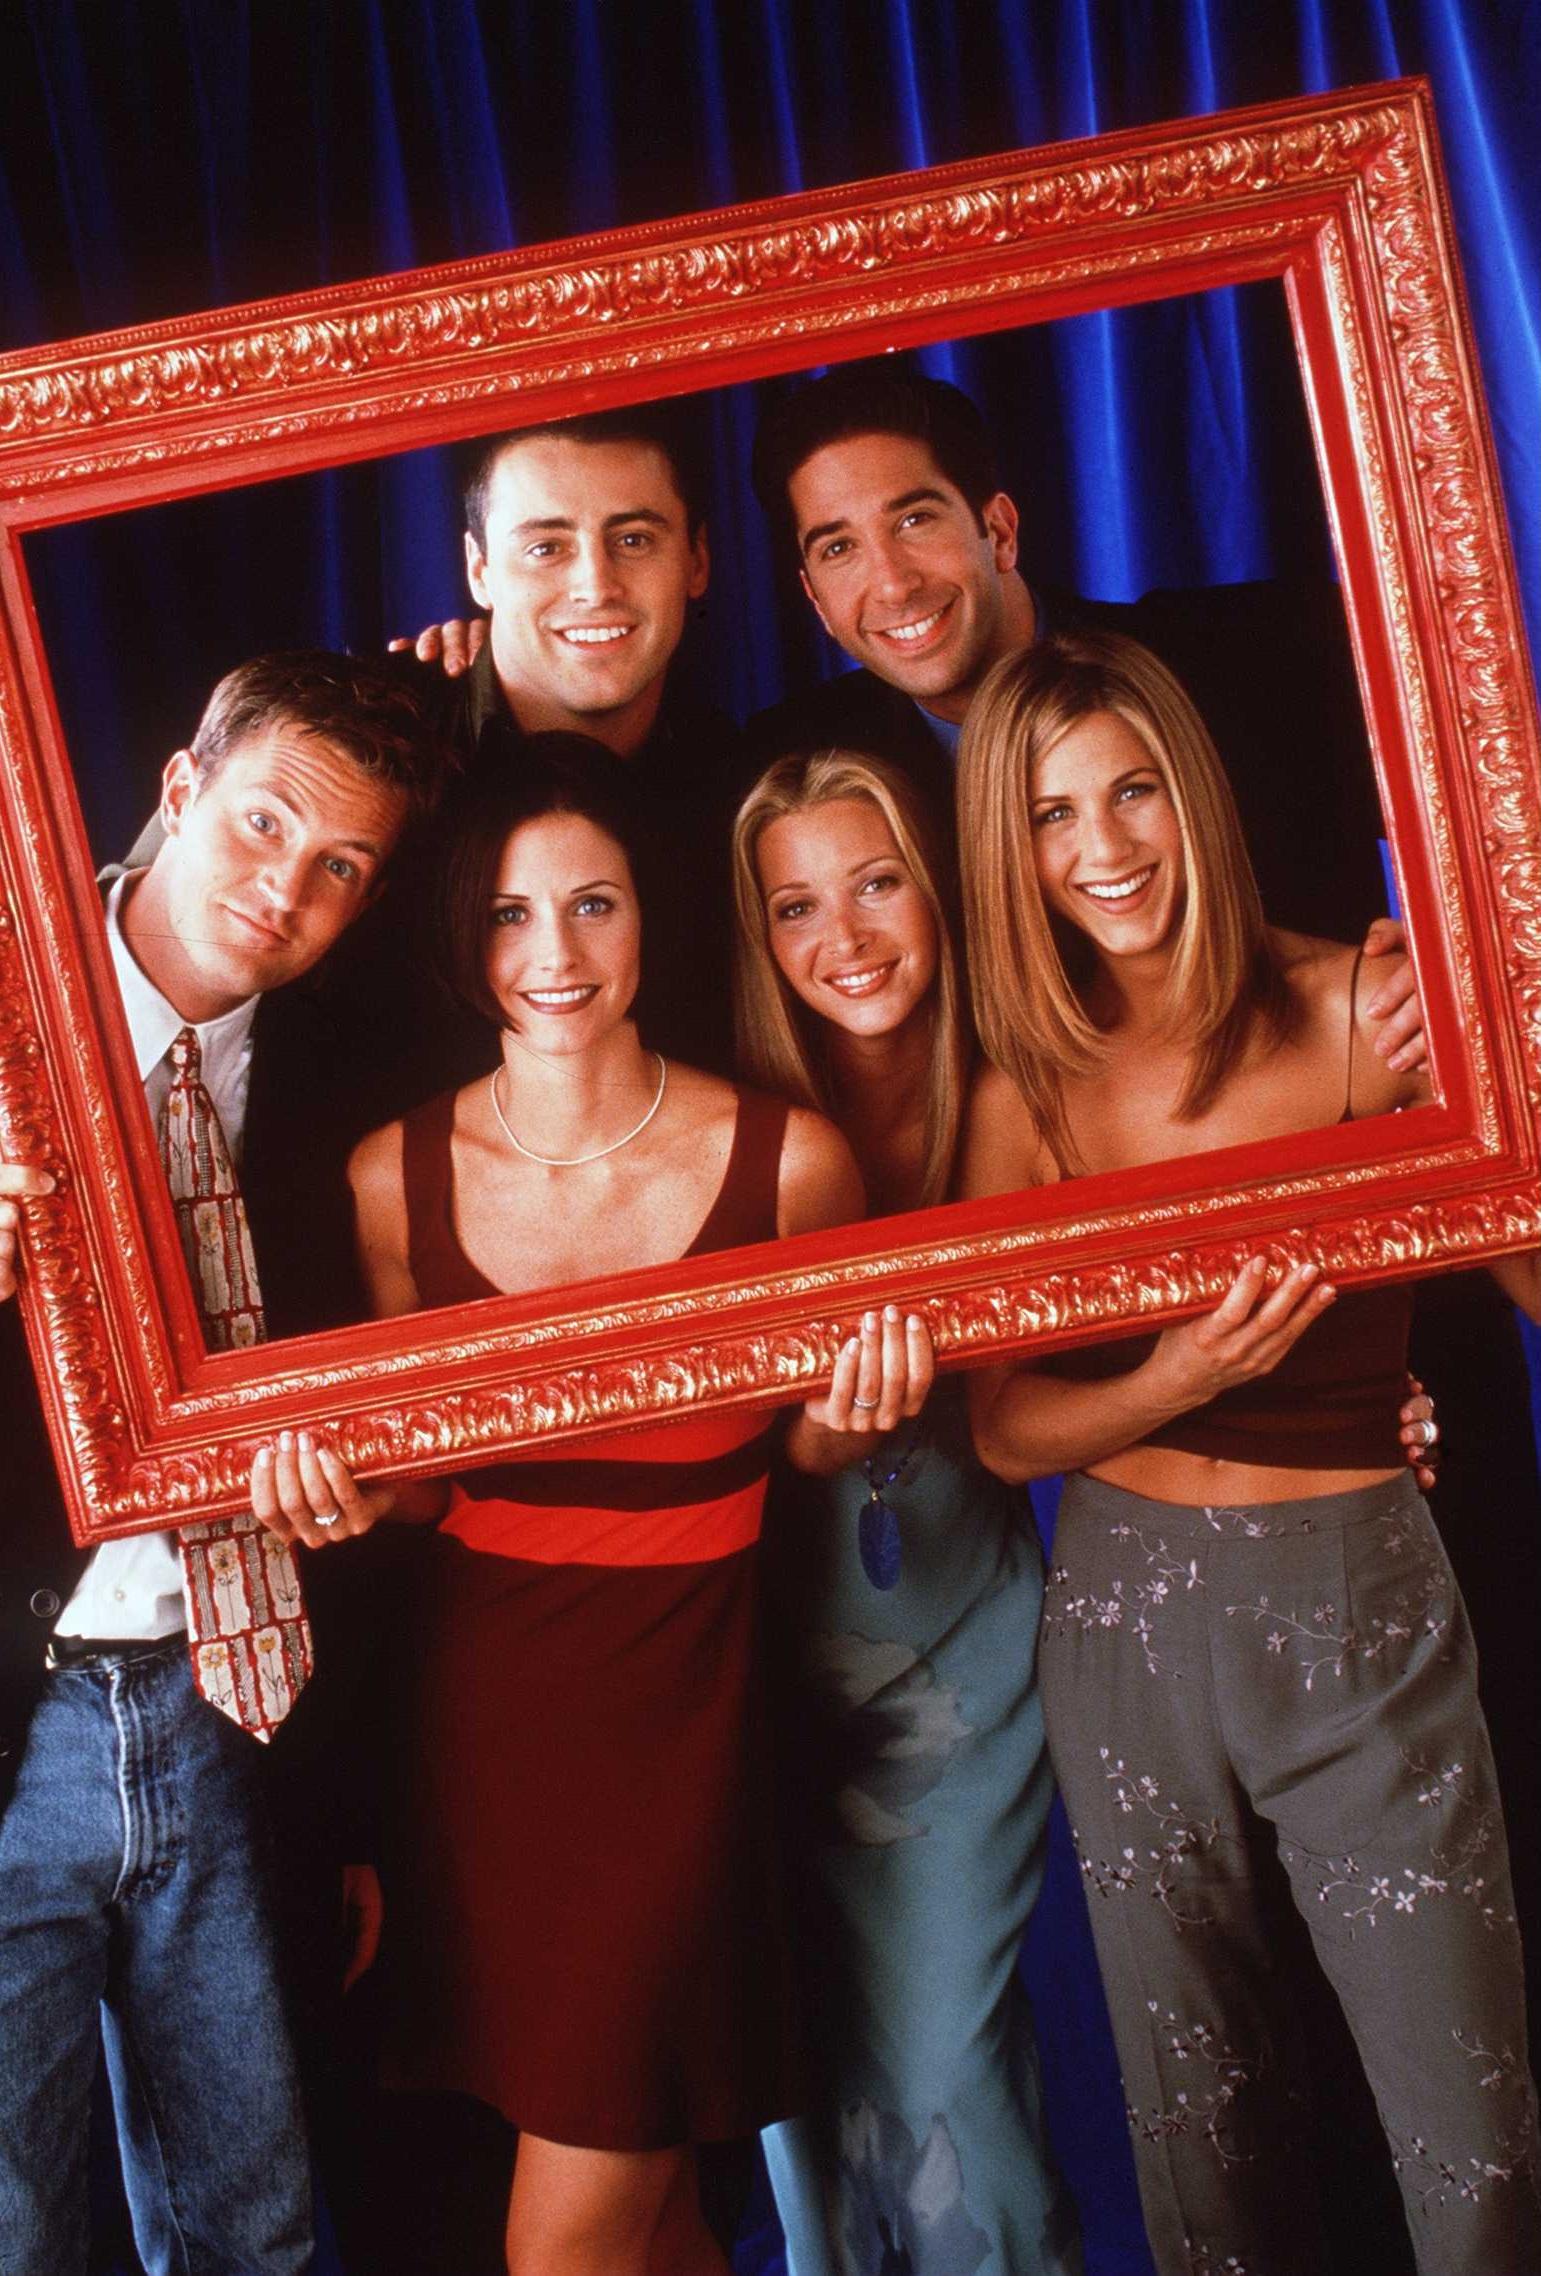 """<div>Мат Лебланк и неговиятежък период- след края на """"Приятели"""" героят на Джоуи заживя в свой собствен сериал, който претърпя пълен крах, а по същото време малката дъщеричка на Лебланк е диагностицирана с рядко заболяване. Актьорът споделя, че е чувствал огромното напрежение да направи сериала си успешен, а същевременно не е знаел какво ще се случи с дъщеря му. На ръба на нервен срив и депресия, Мат се оттегля от актьорството за известно време. Той разкрива, че """"Приятели"""" е било много изморително преживяване и съвсем спокойно е можел да се пенсионира след края на сериала.</div>"""